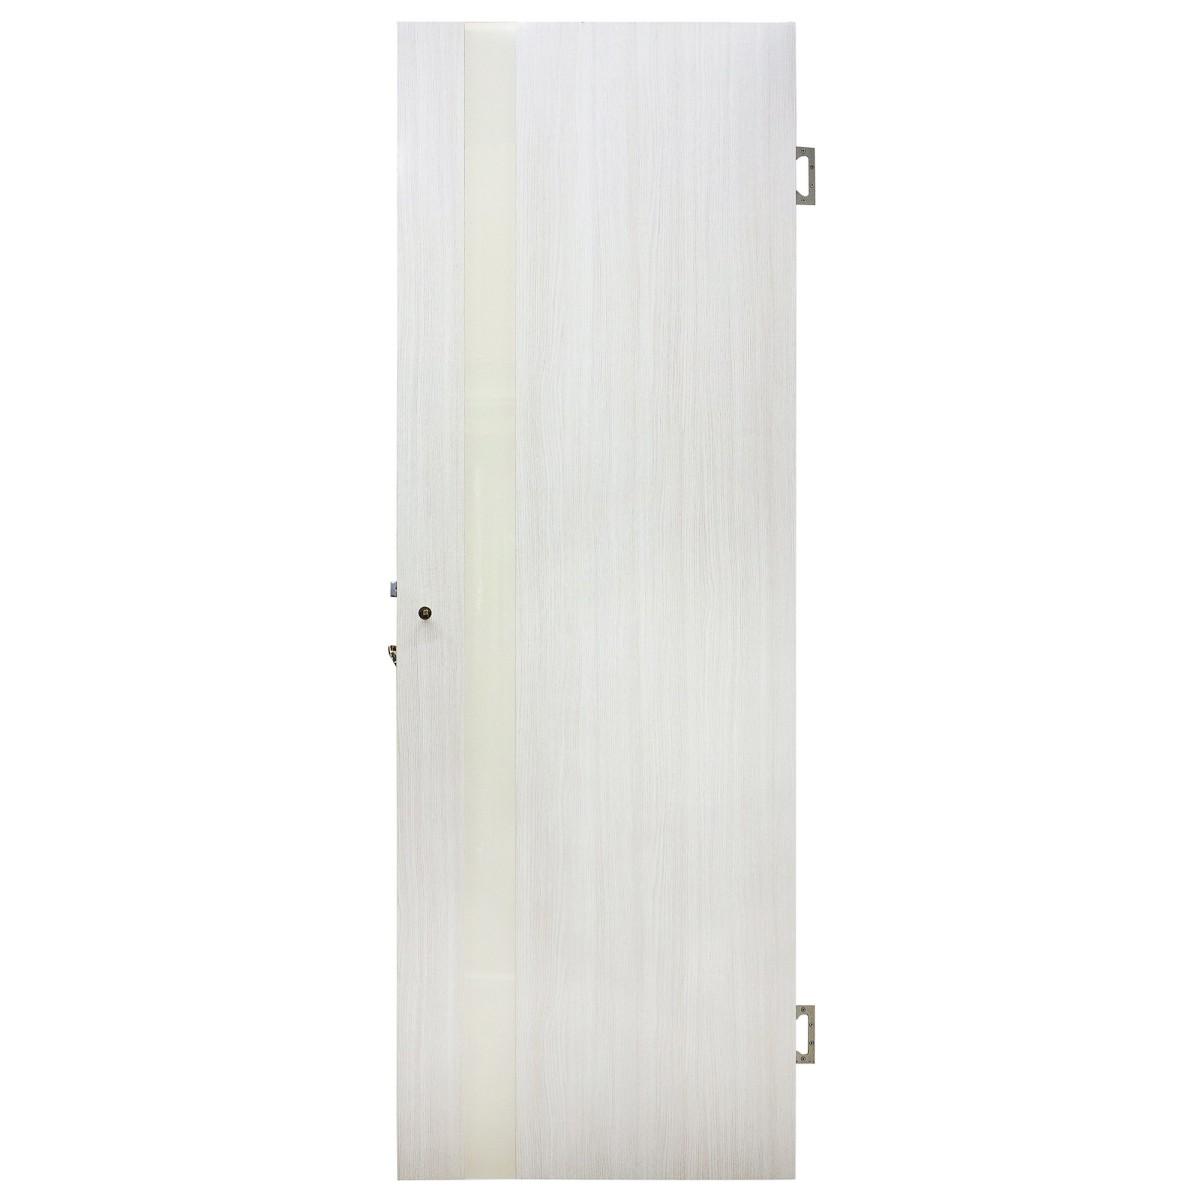 Дверь Межкомнатная Остеклённая Марсель Пвх 70x200 Белёный Дуб